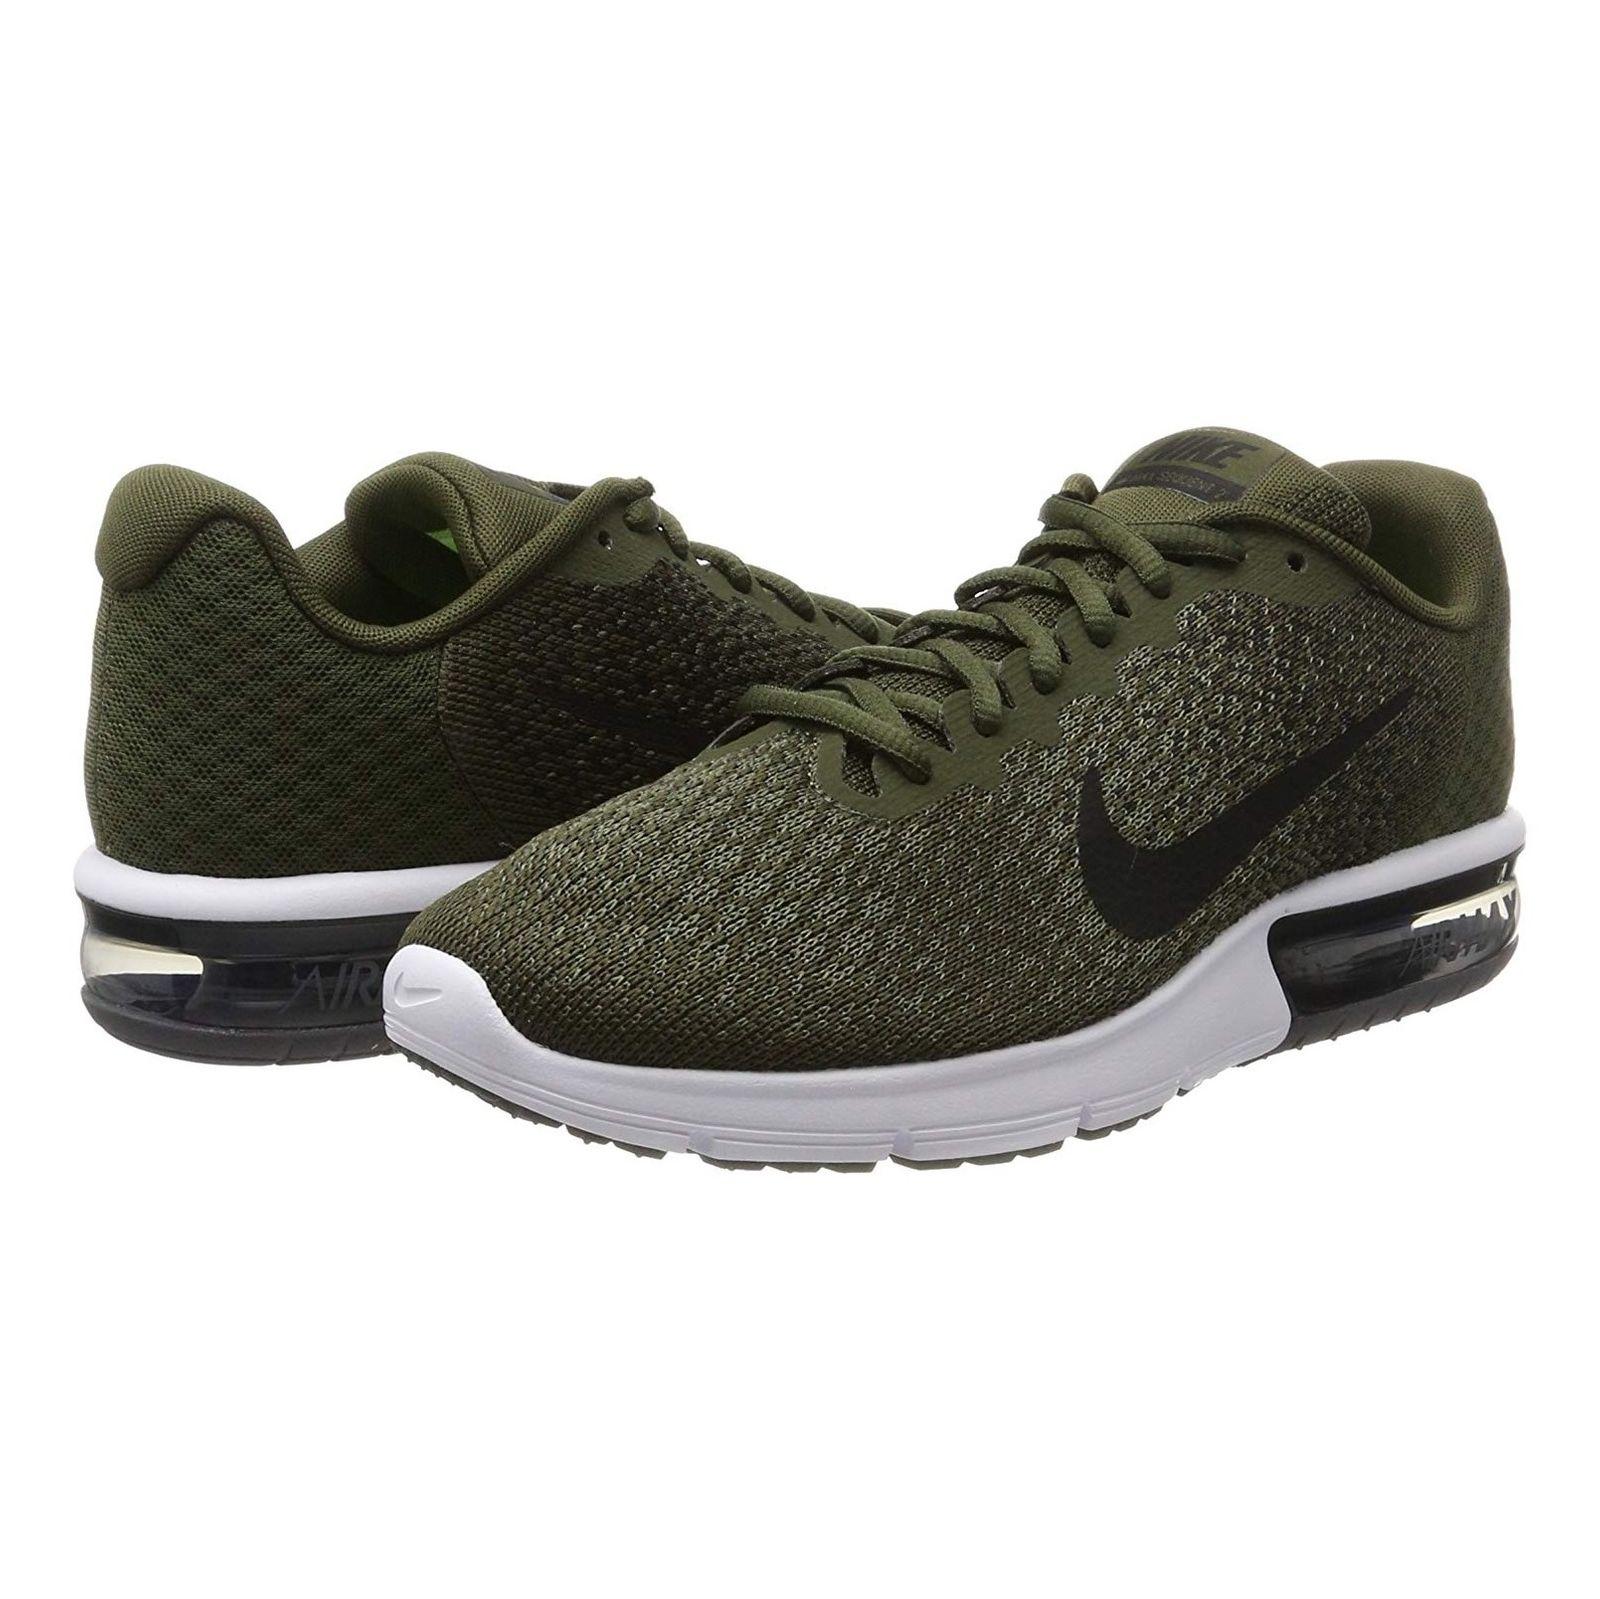 کفش دویدن بندی مردانه Air Max Sequent 2 - نایکی - زيتوني - 2